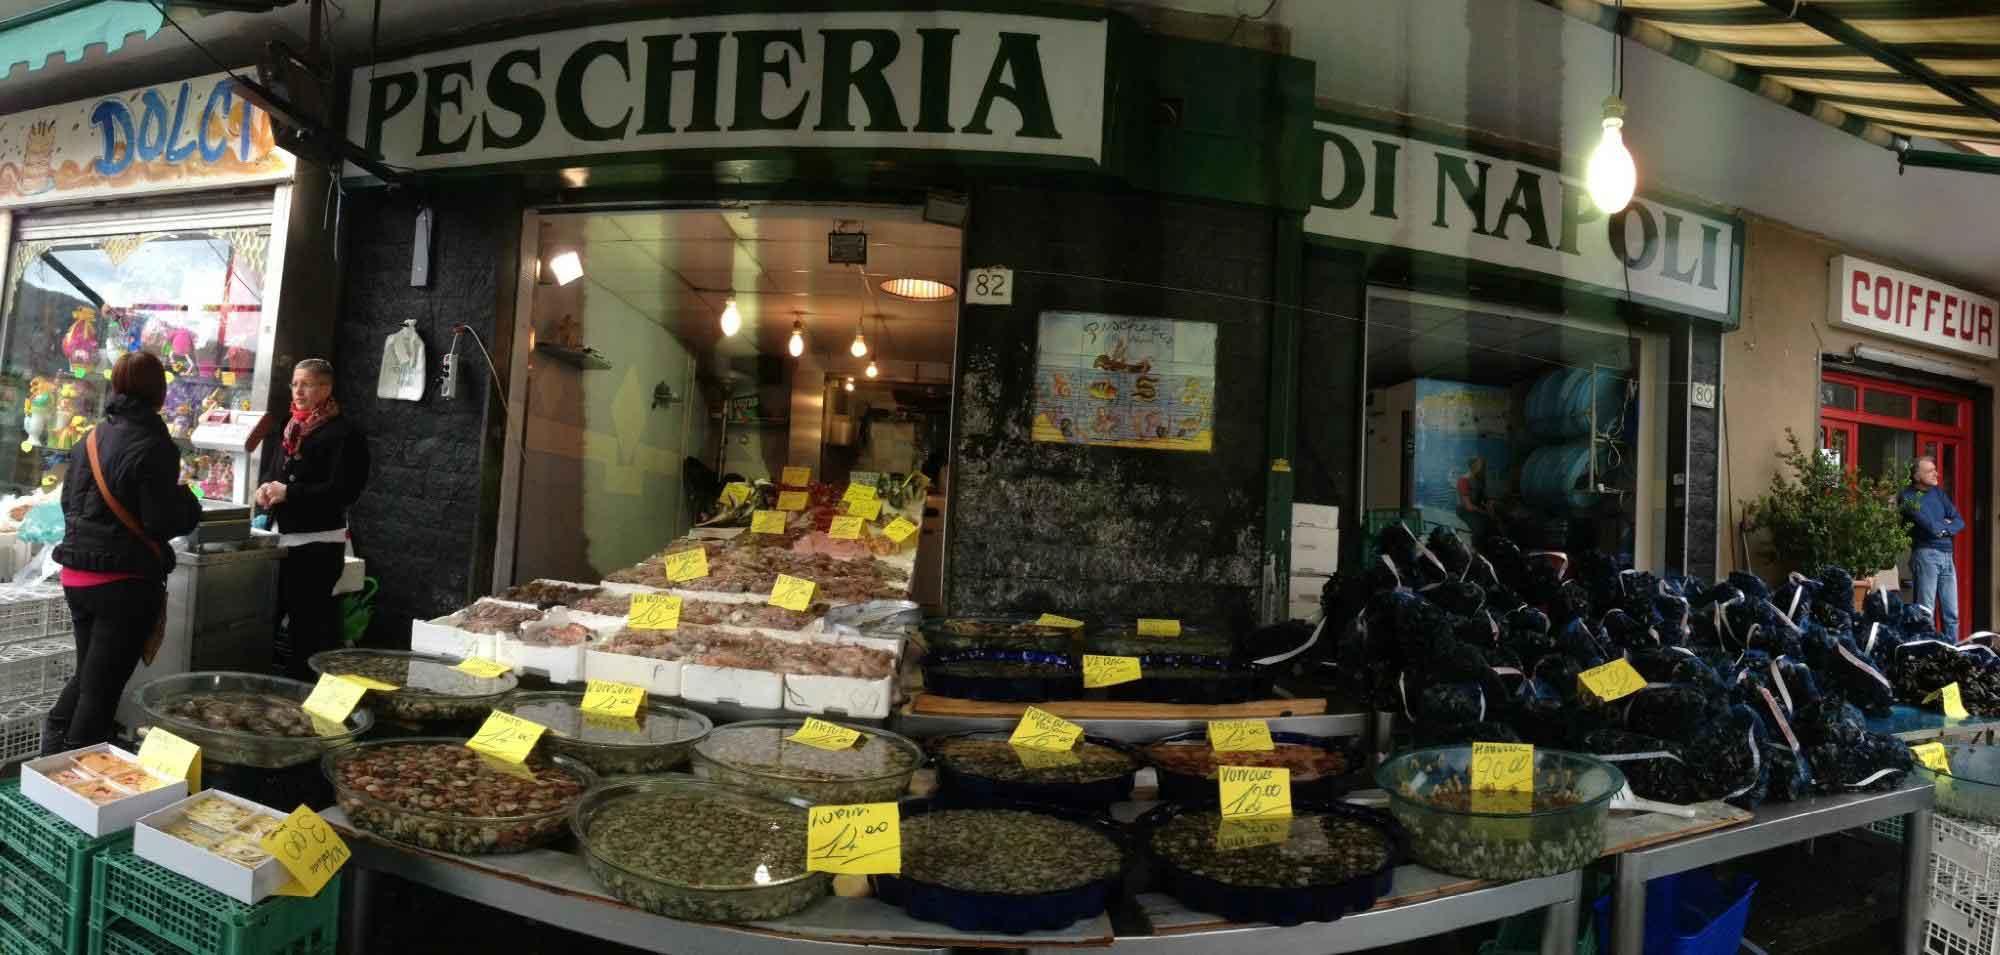 9-migliore-ristorante-economico-tripadvisor-pescheria-di-napoli